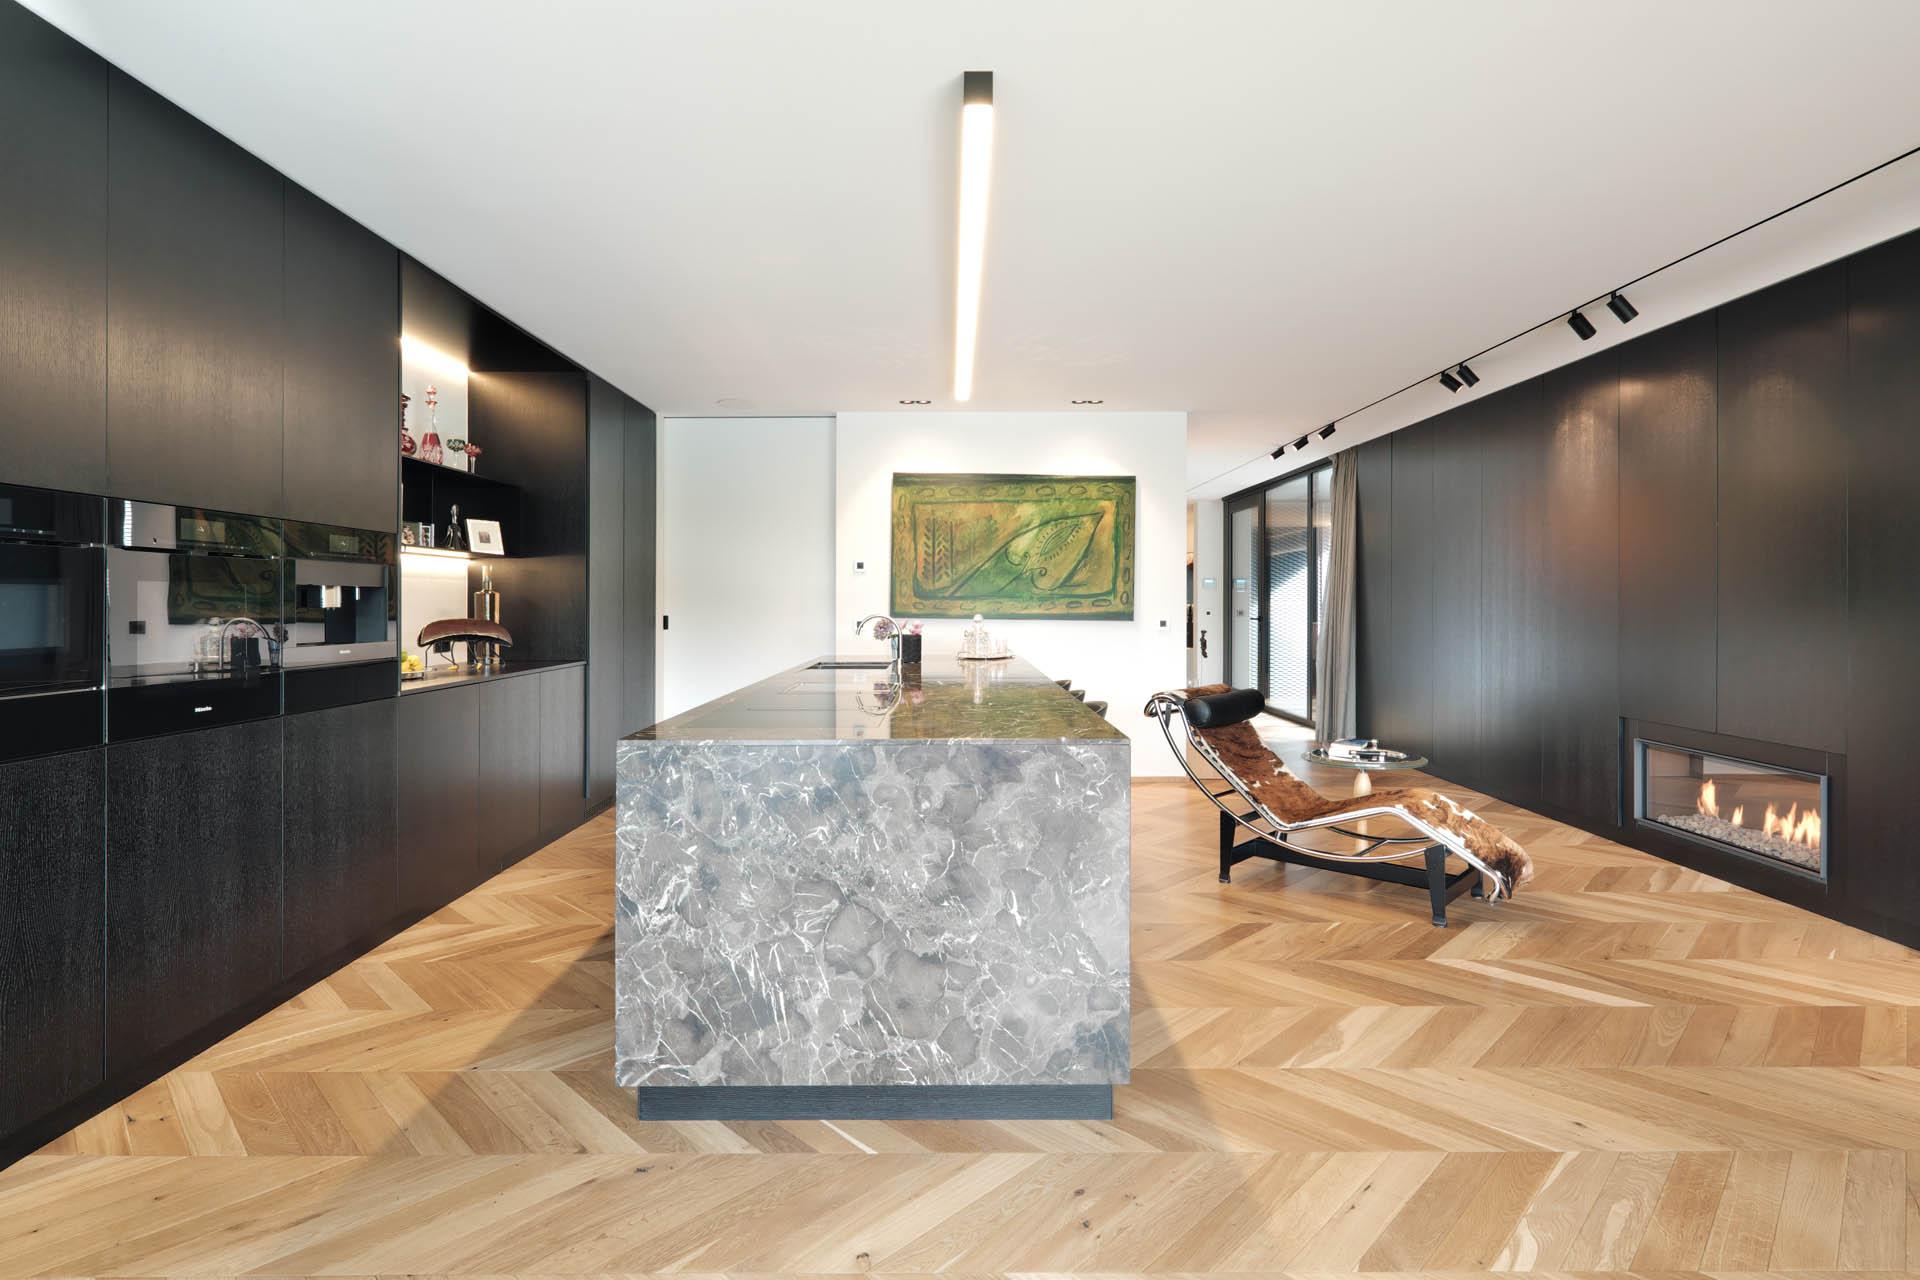 Braune Kücheninsel aus Marmor Designküche